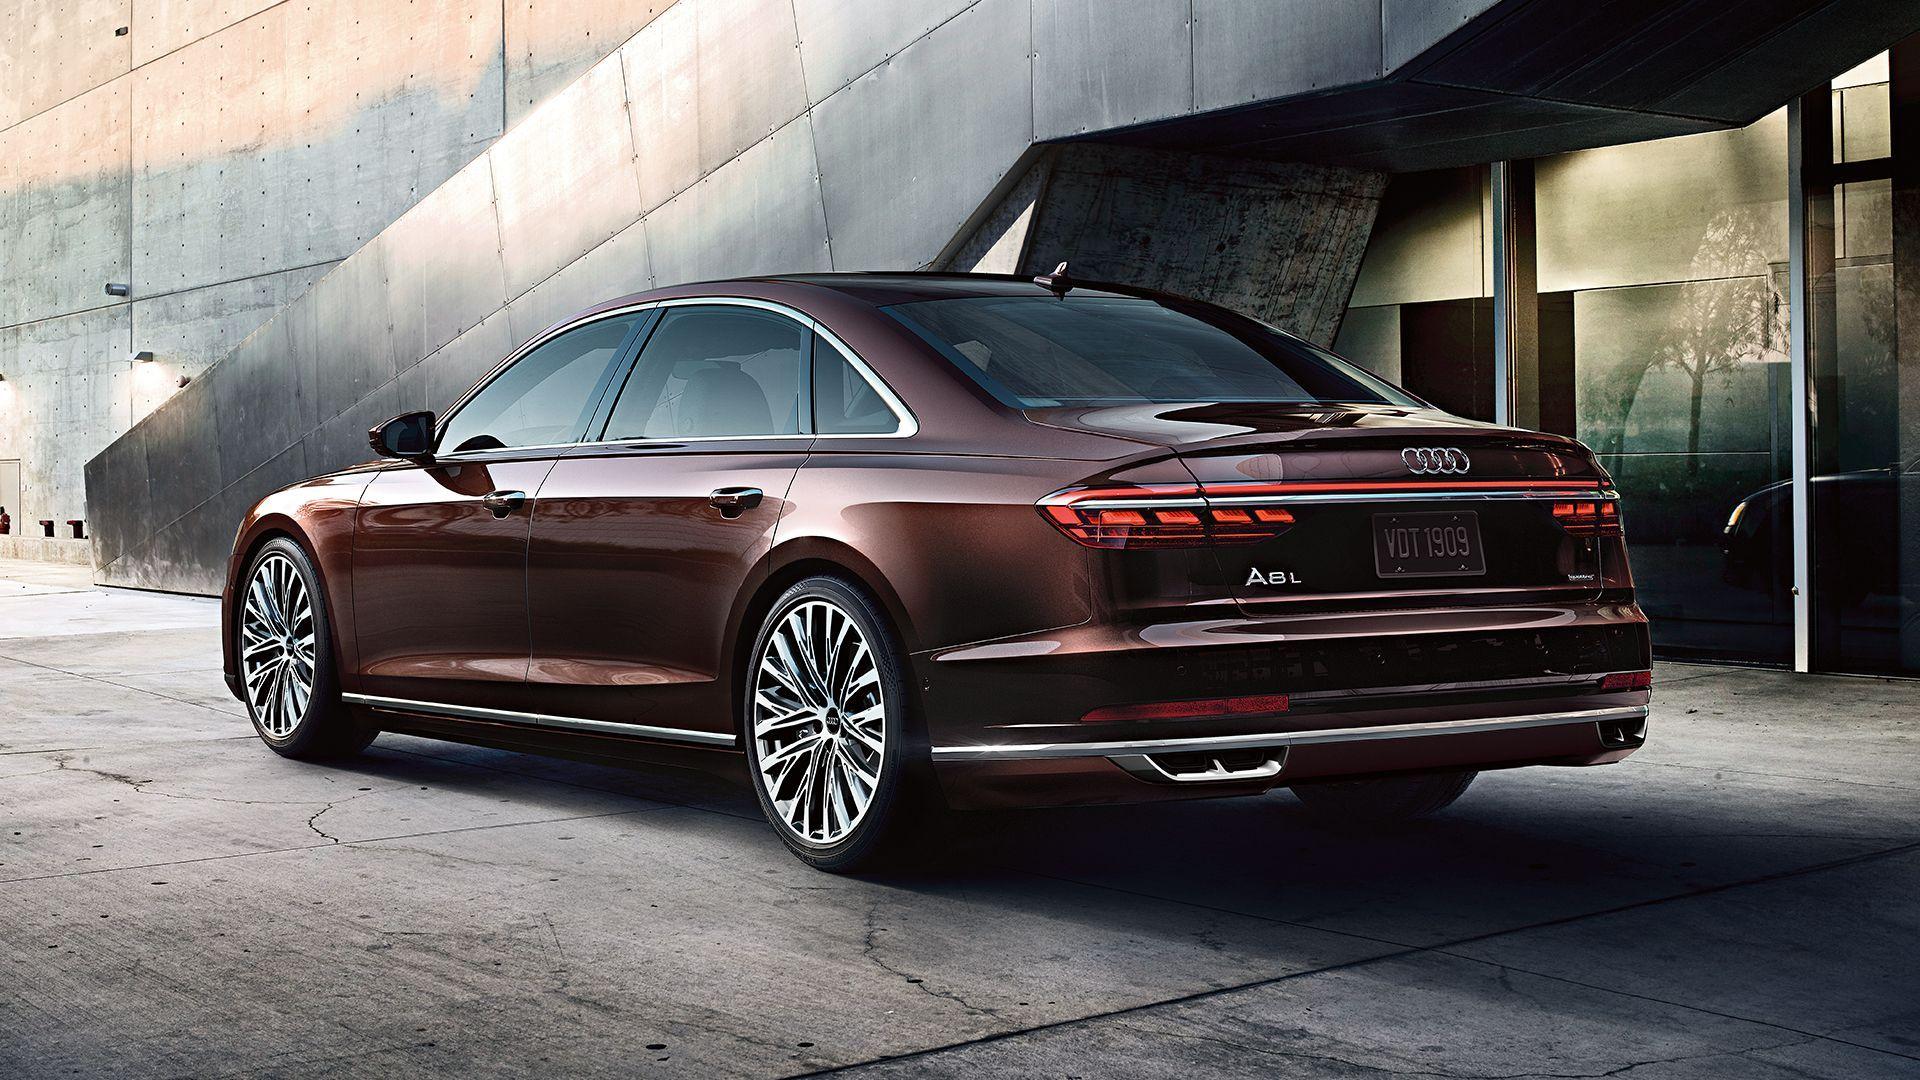 2020 Audi A8 | Luxury Sedan | Audi USA